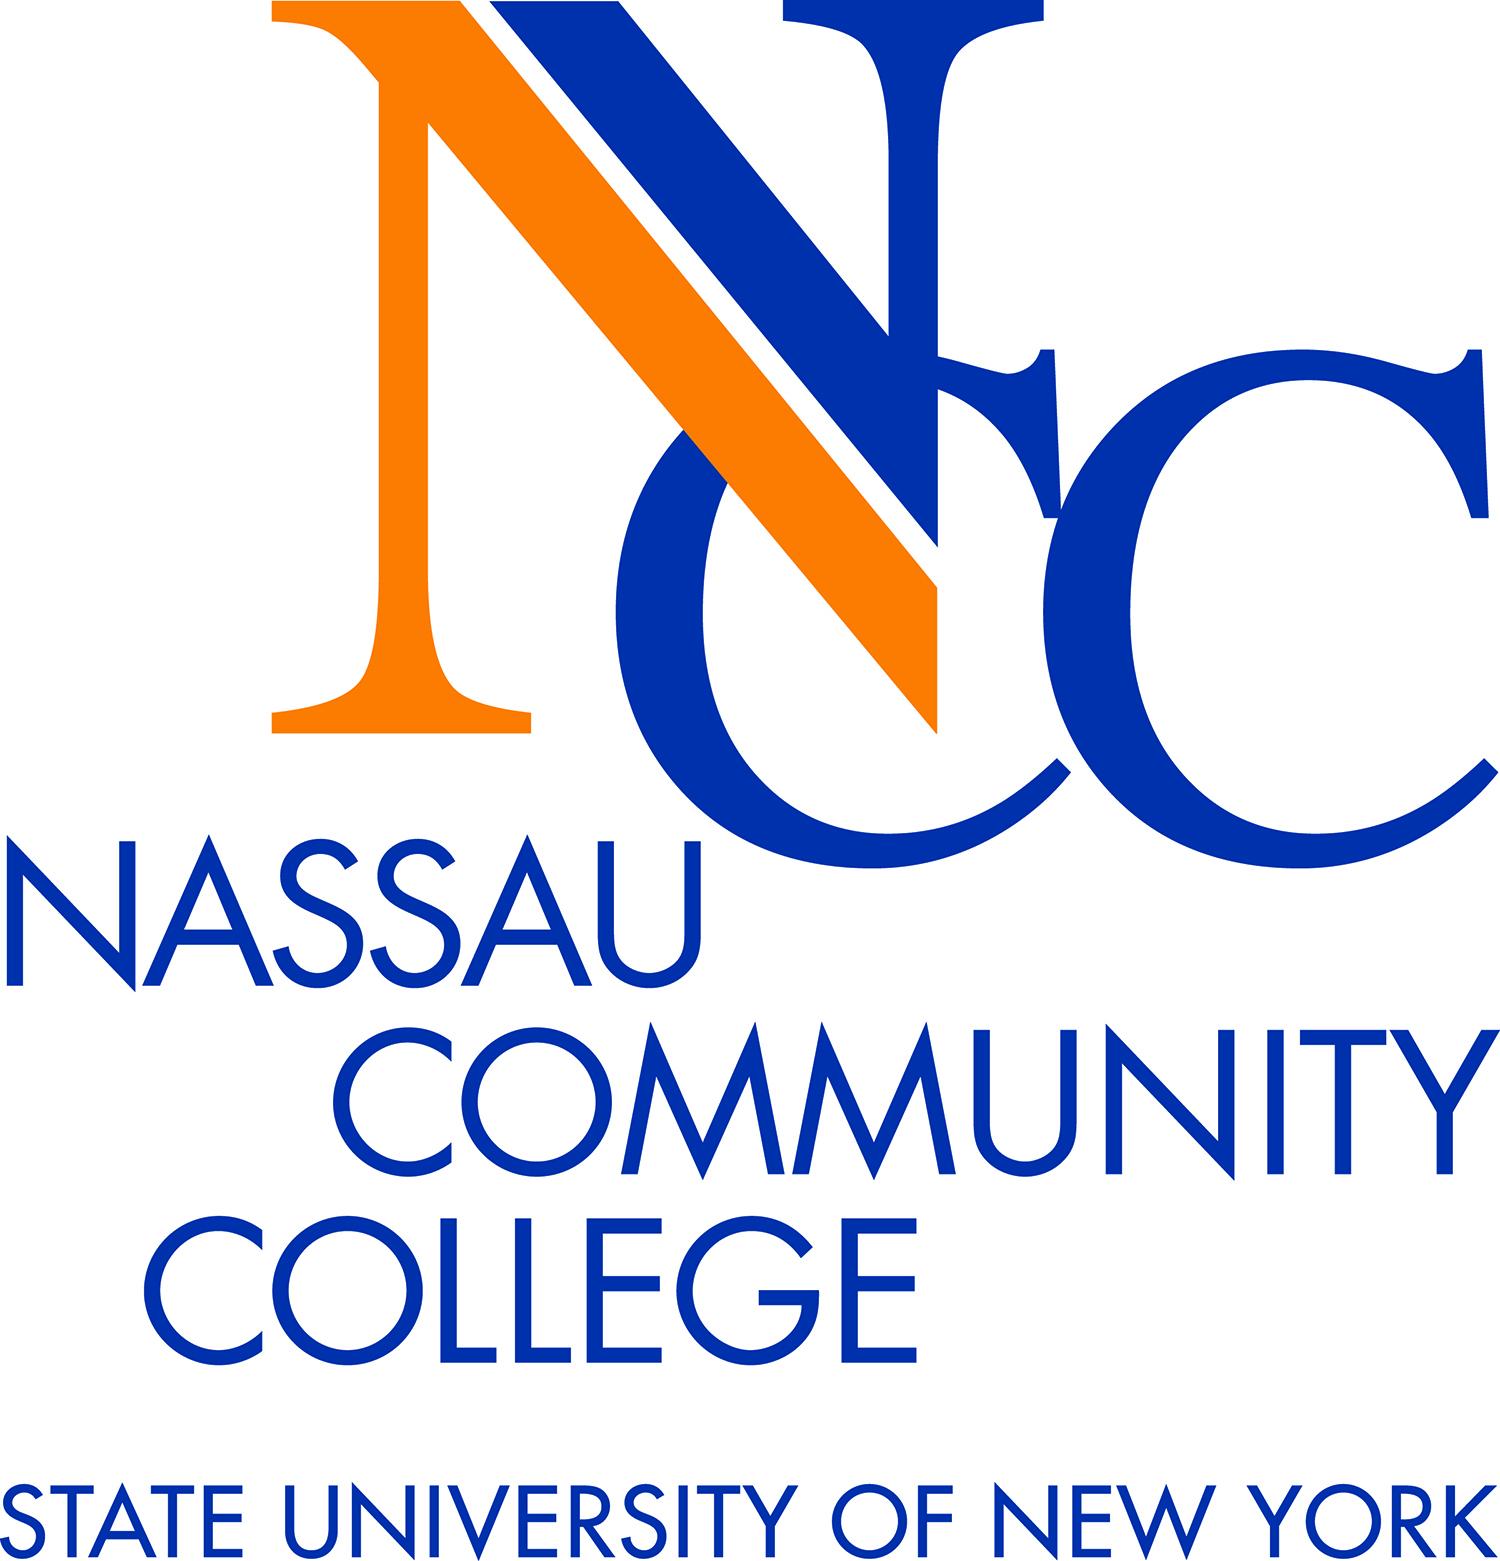 image regarding Printable College Logos identified as Downloadable NCC Trademarks